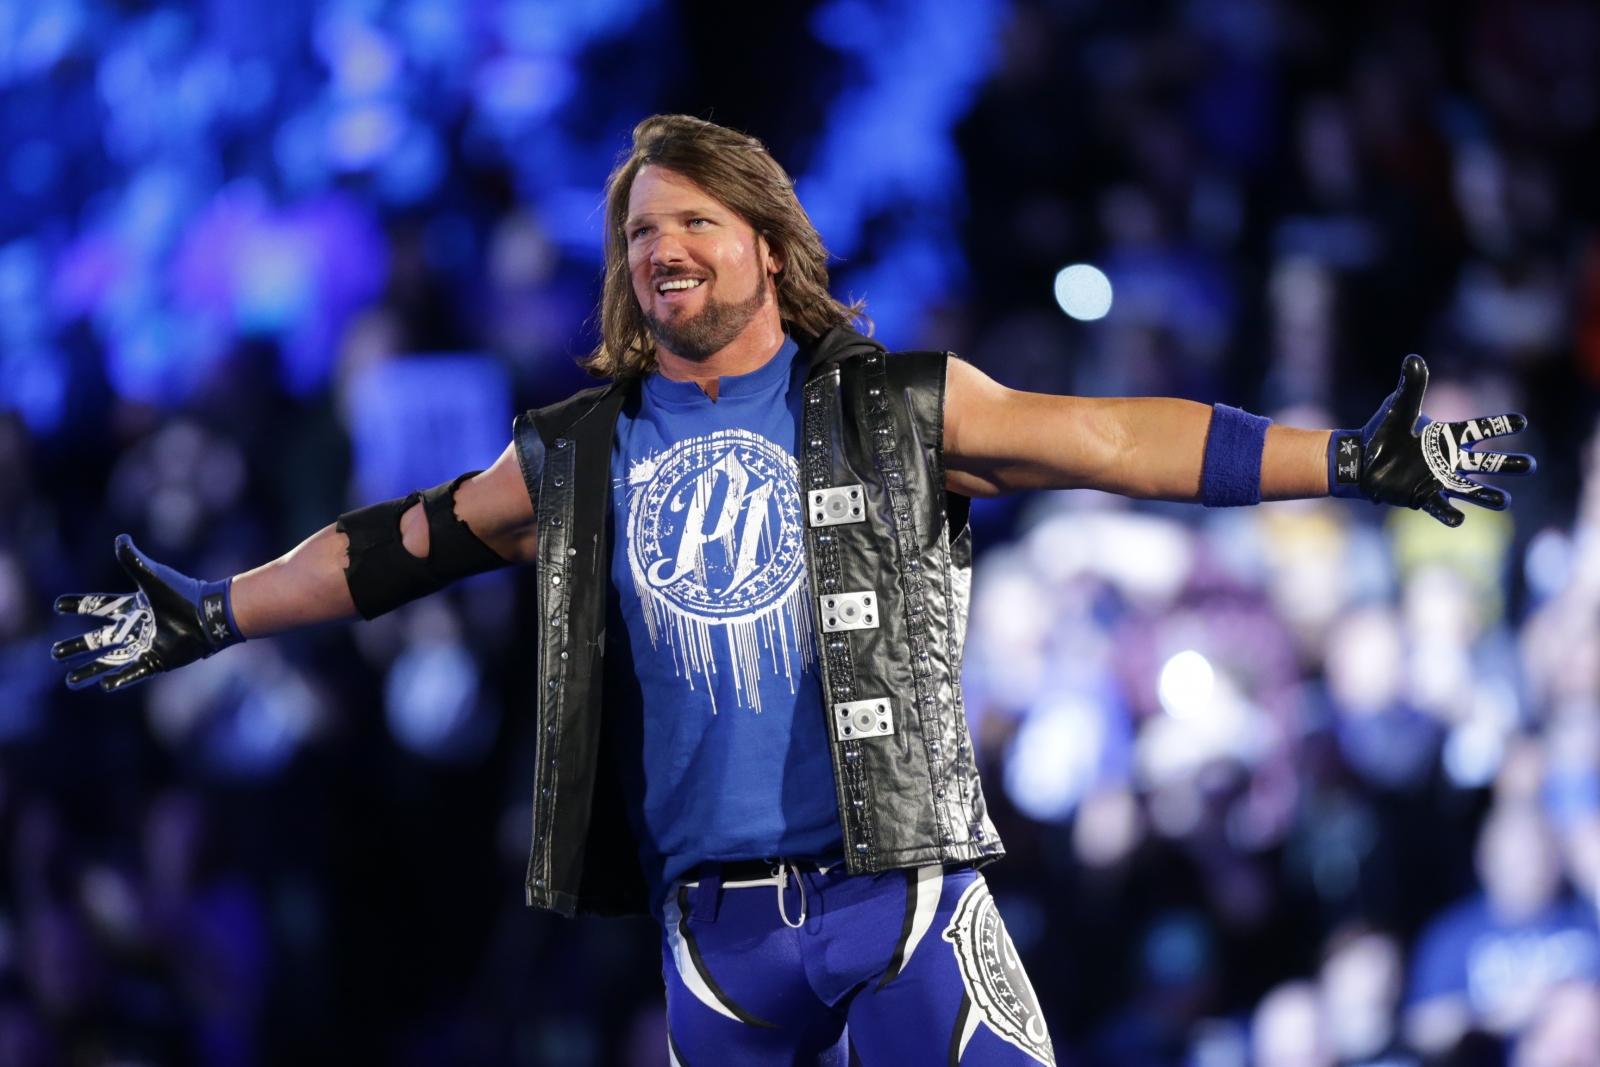 WWE NEWS: दुनिया का सबसे अच्छा रेस्लर कहलाये जाने पर एजे स्टाइल्स ने दिया चौकाने वाला जवाब 20